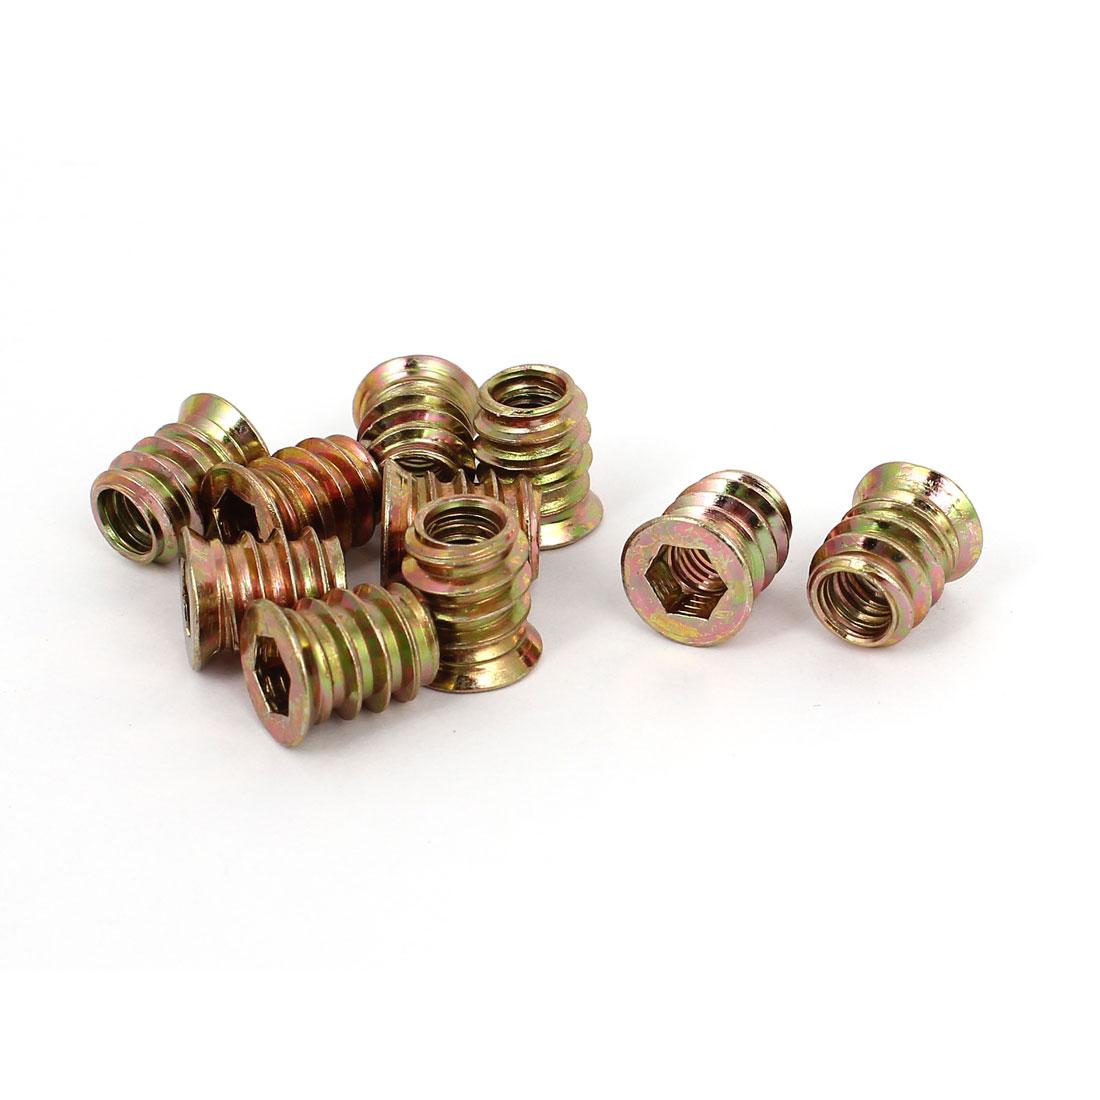 10 Pcs M6x13mm Hexagon Socket Head Insert E-Nut Shelf Leg Support Screw Nuts